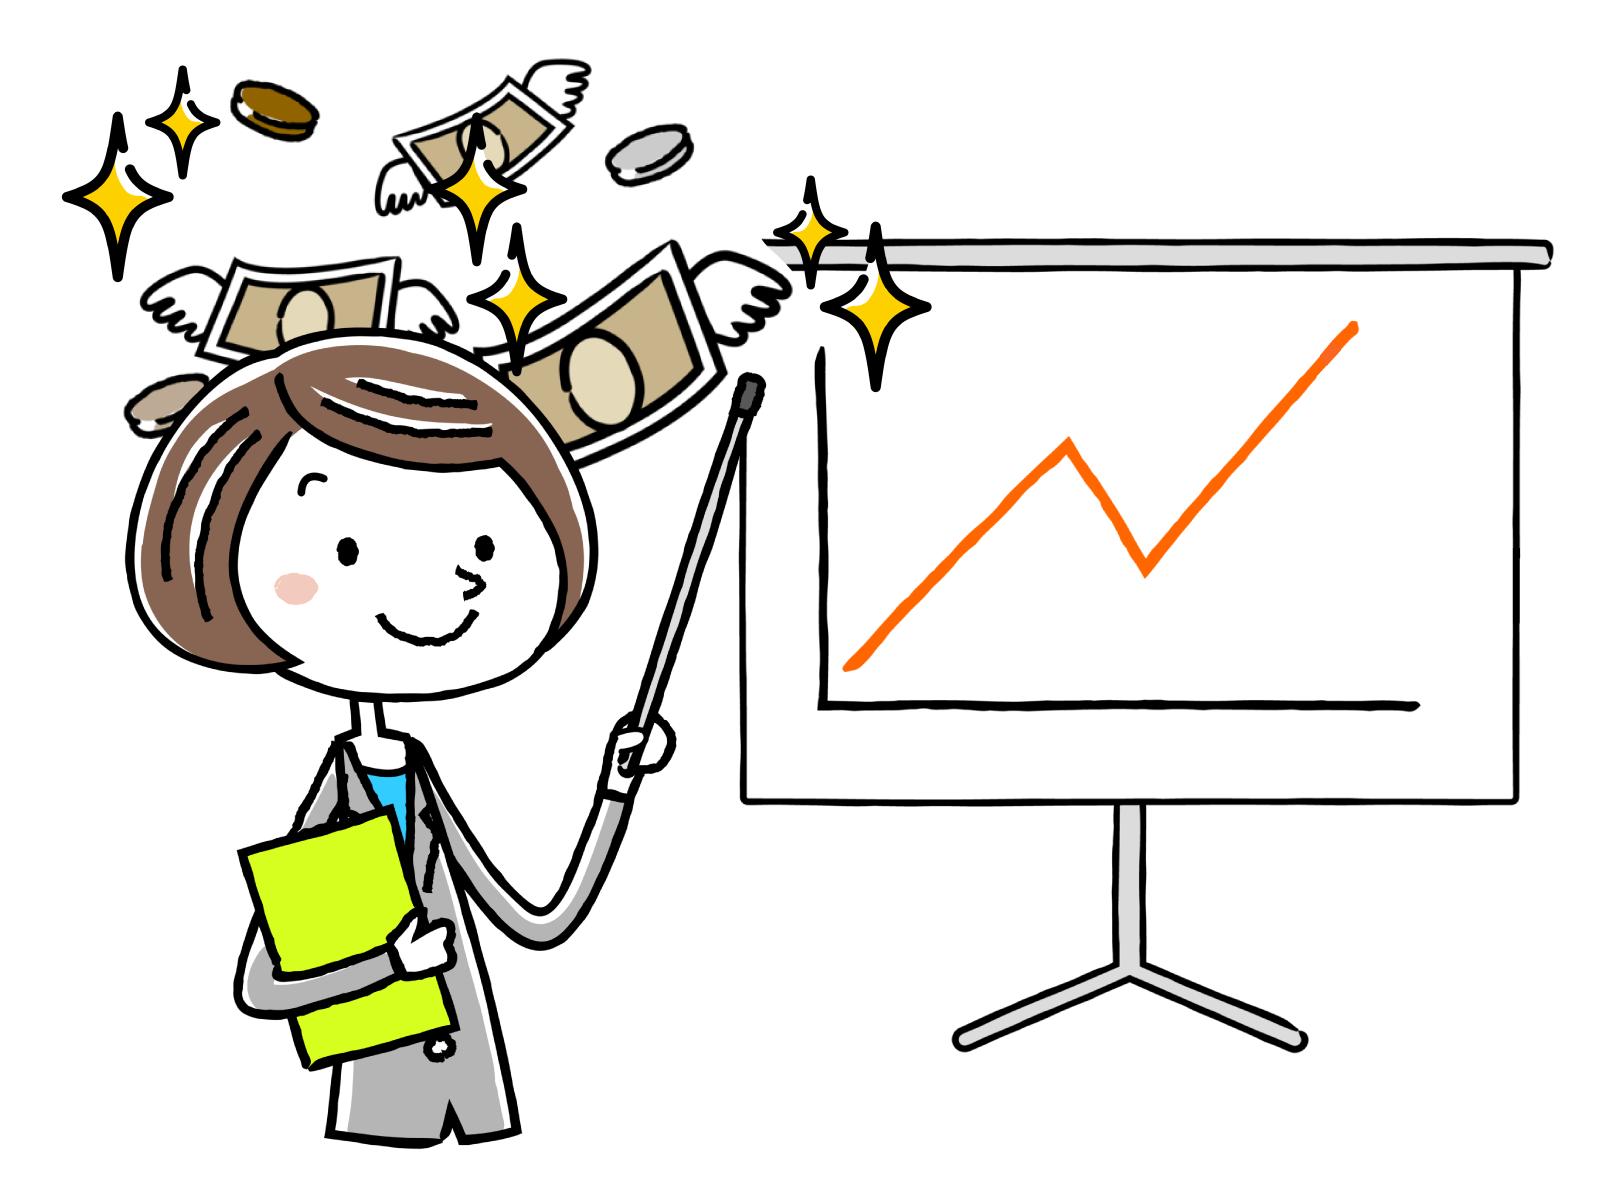 実務者研修修了者が給料を上げるための方法についてのイメージイラスト